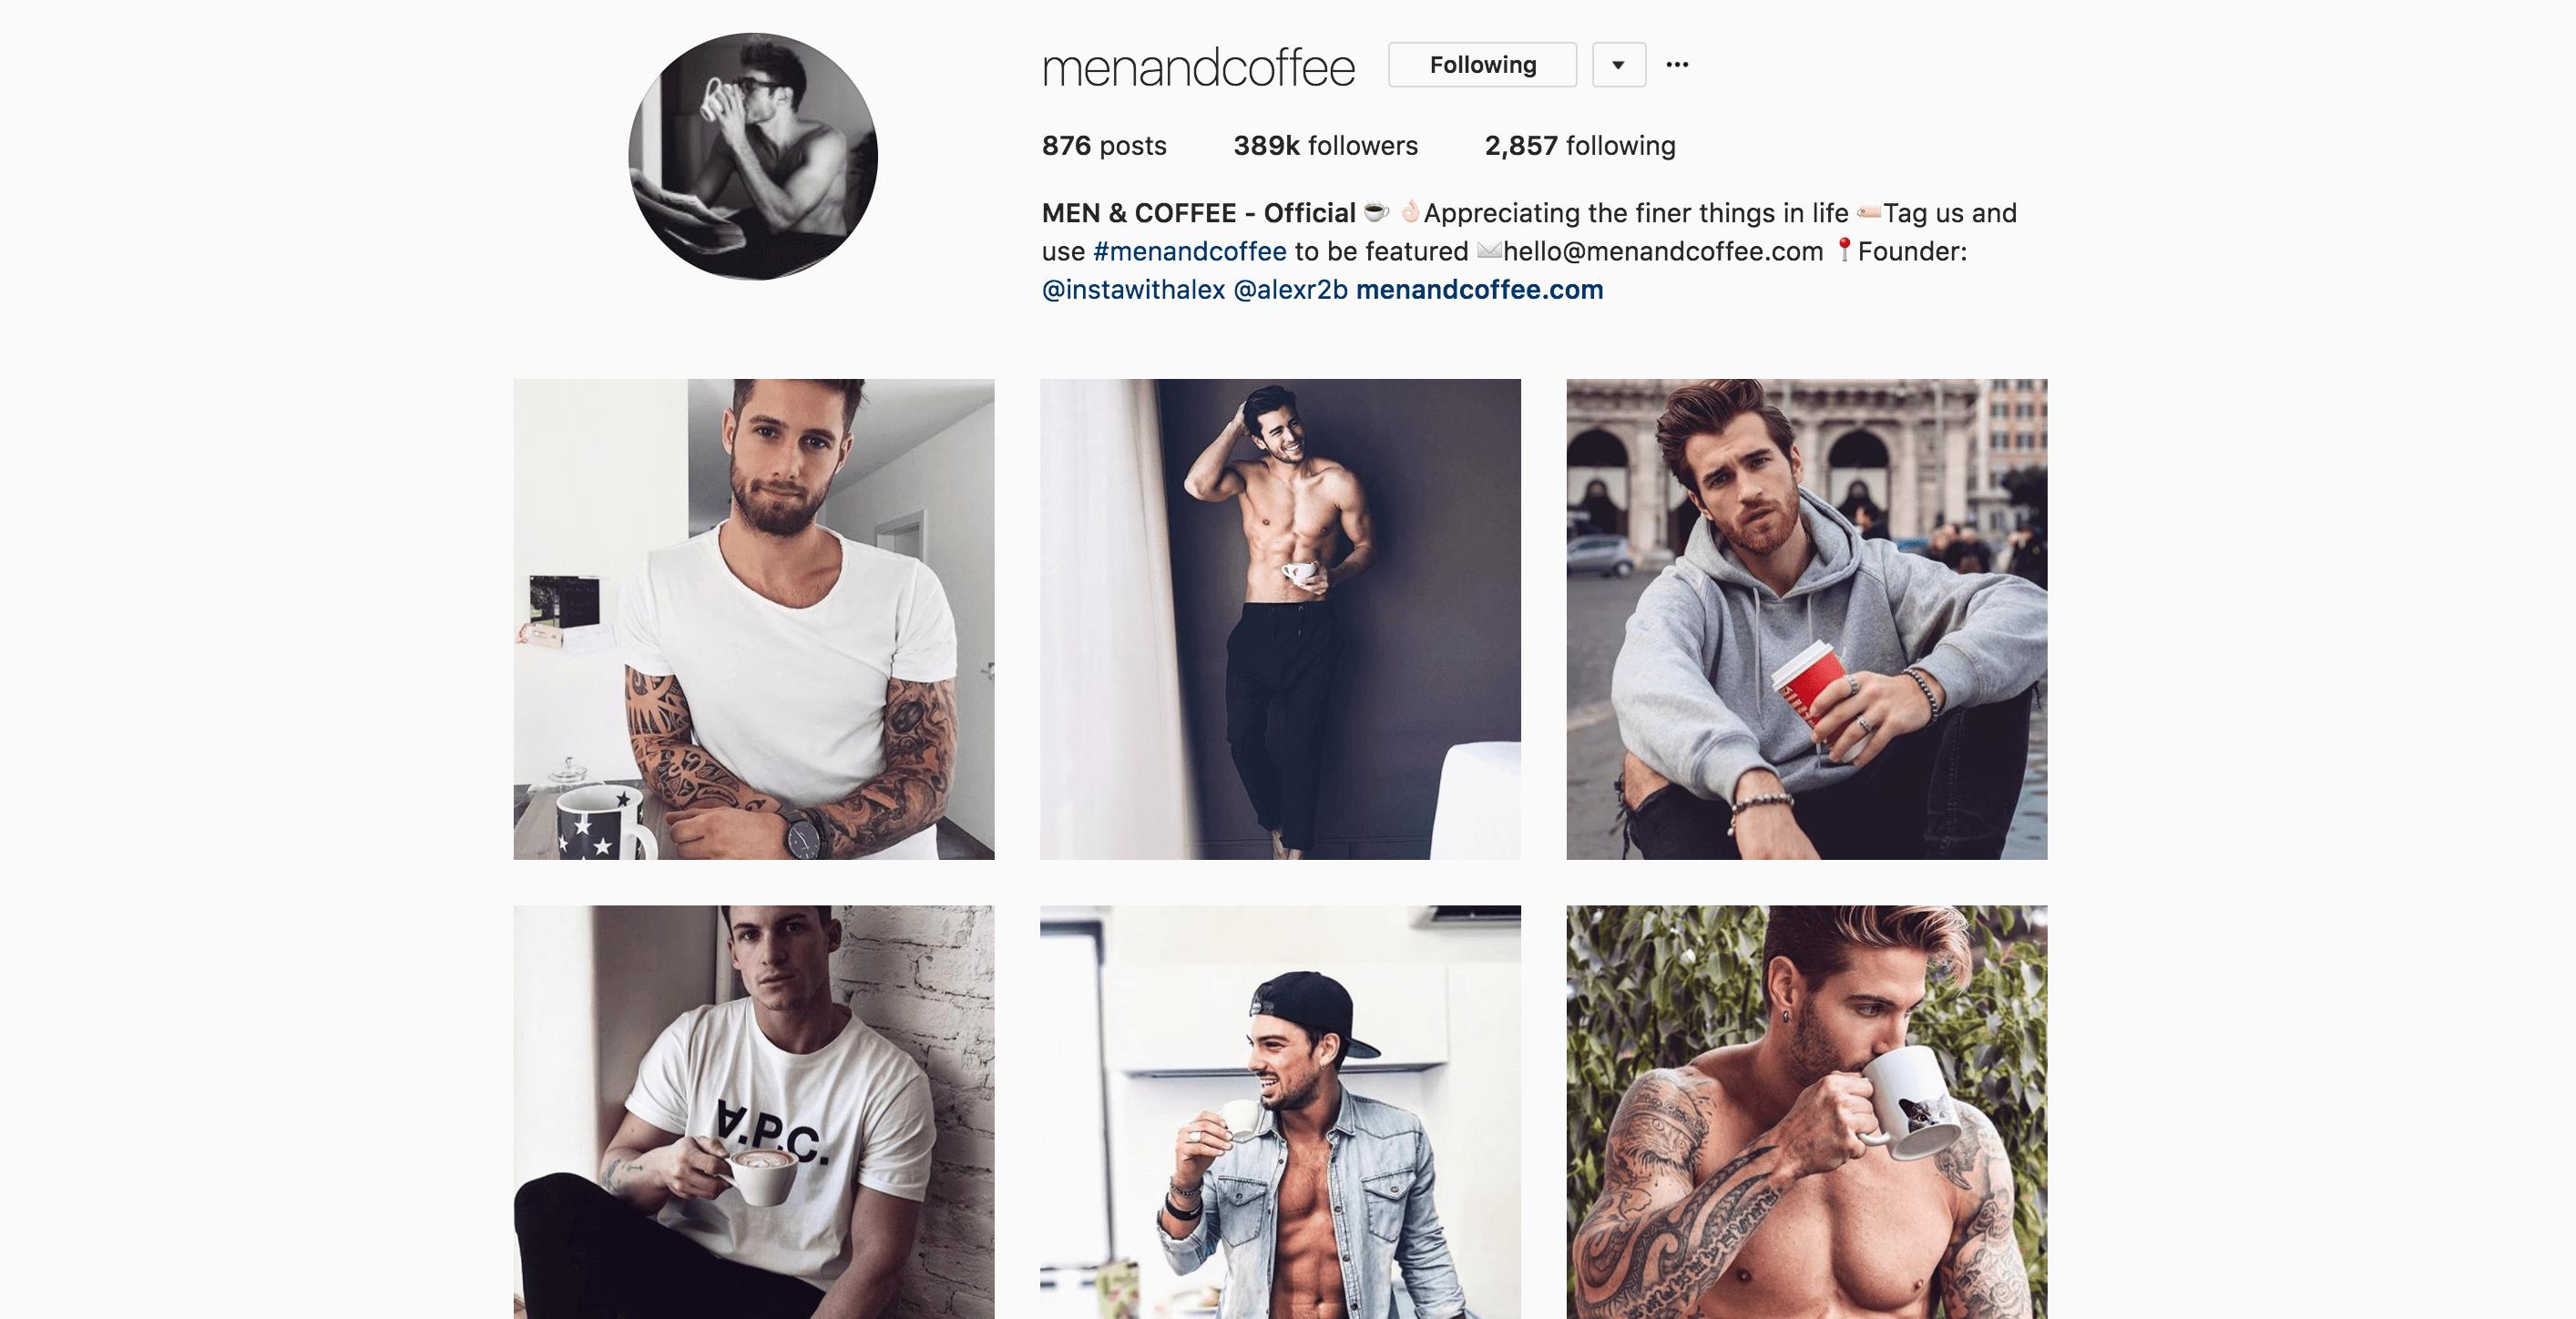 instagram influencer menandcoffee